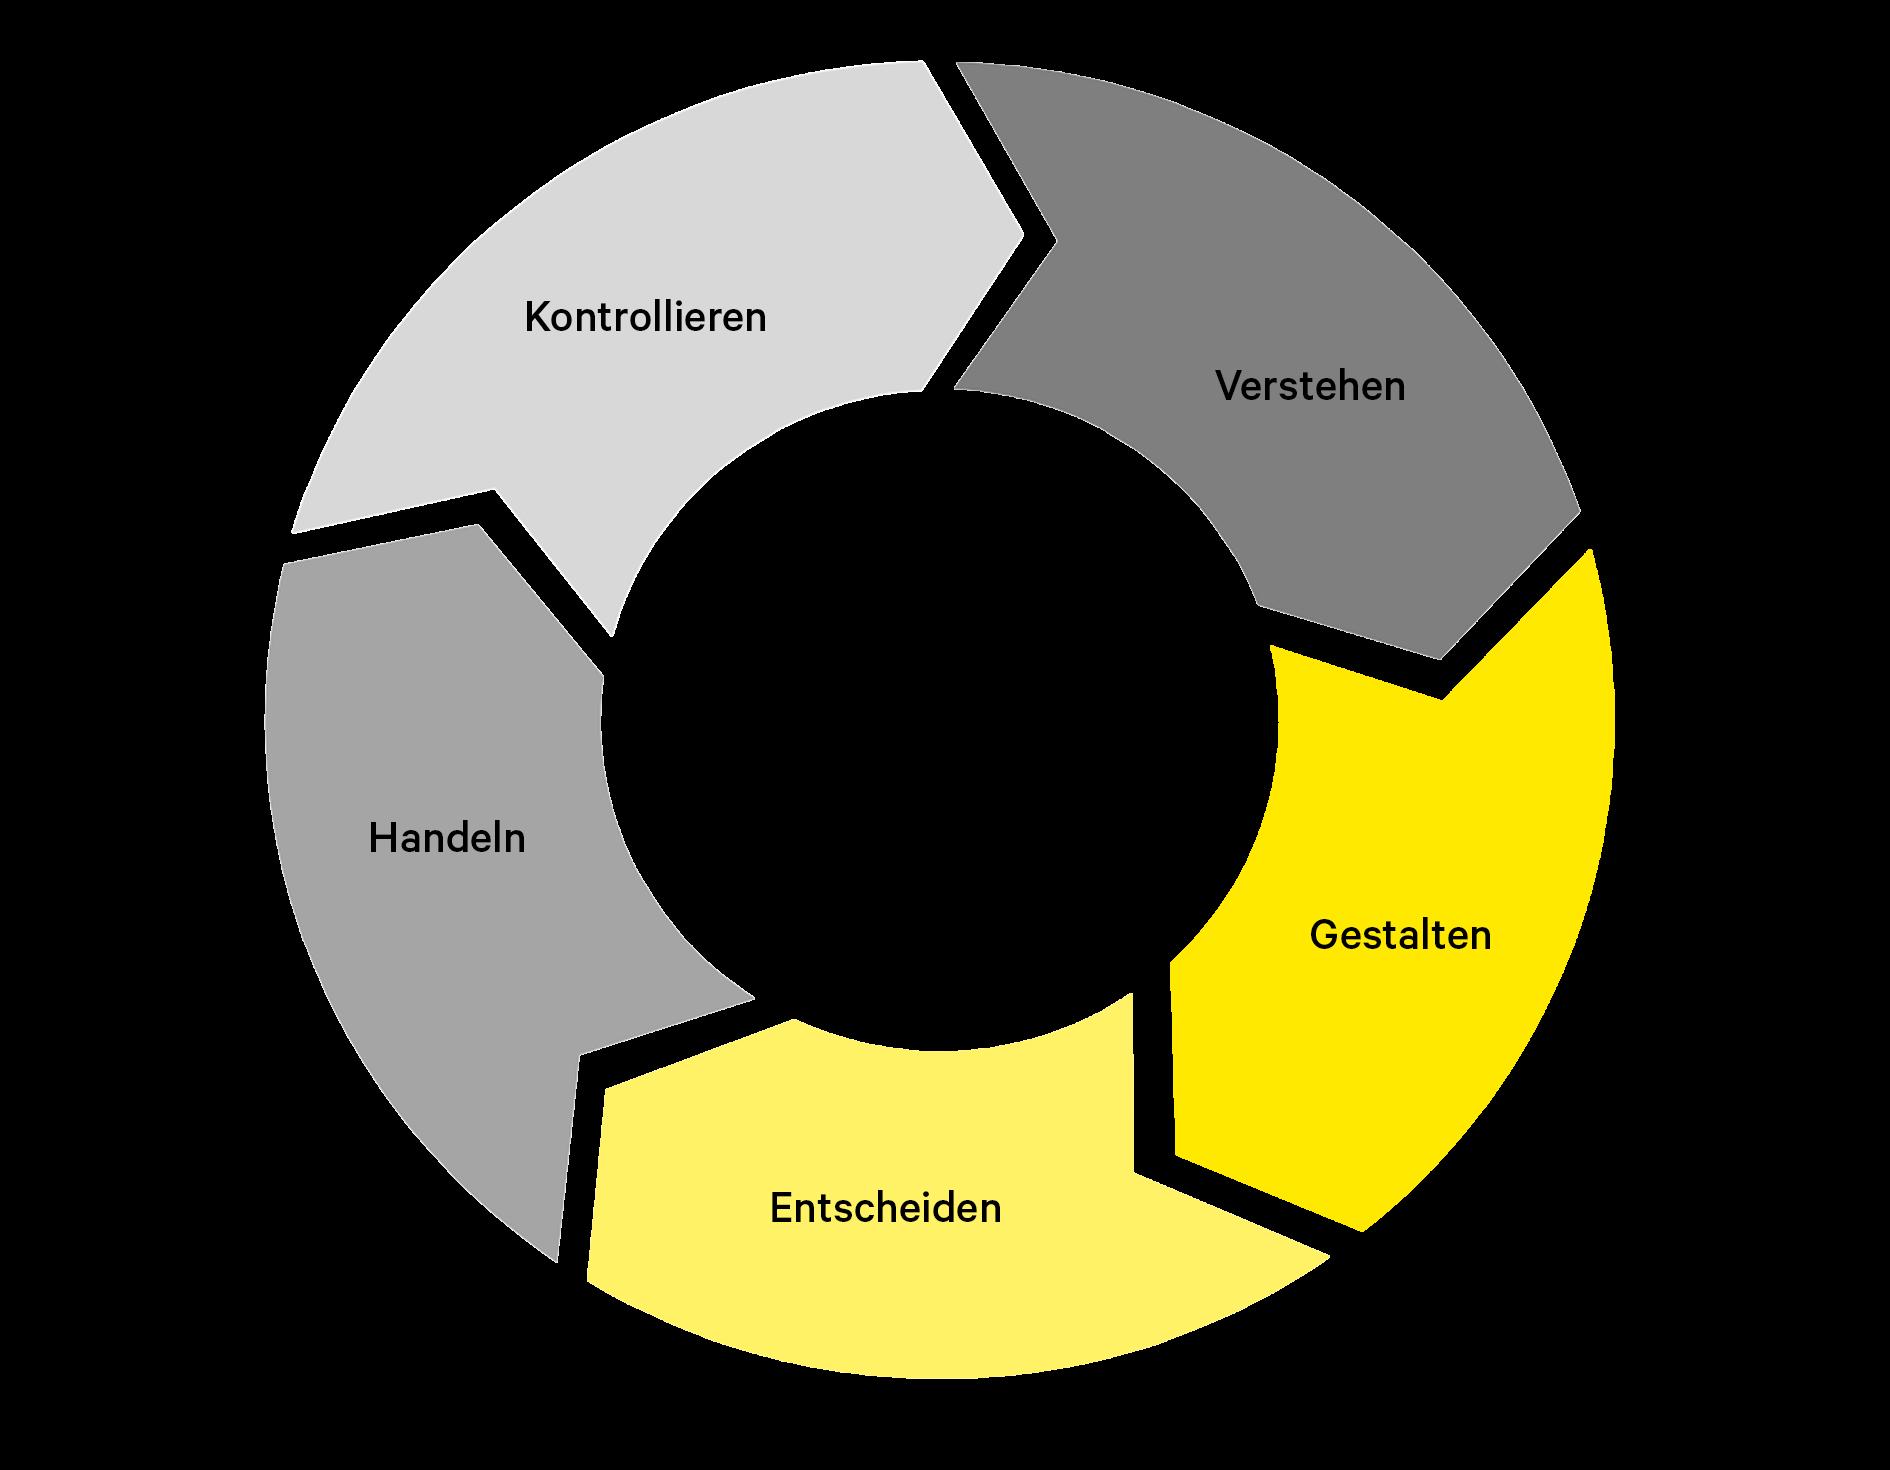 Kreislauf bestehend aus fünf Pfeilen. In denen Verstehen, Gestalten, Entscheiden, Handeln, Kontrollieren geschrieben ist. Der Kreislauf symbolisiert den Beratungsansatz von HRCIE